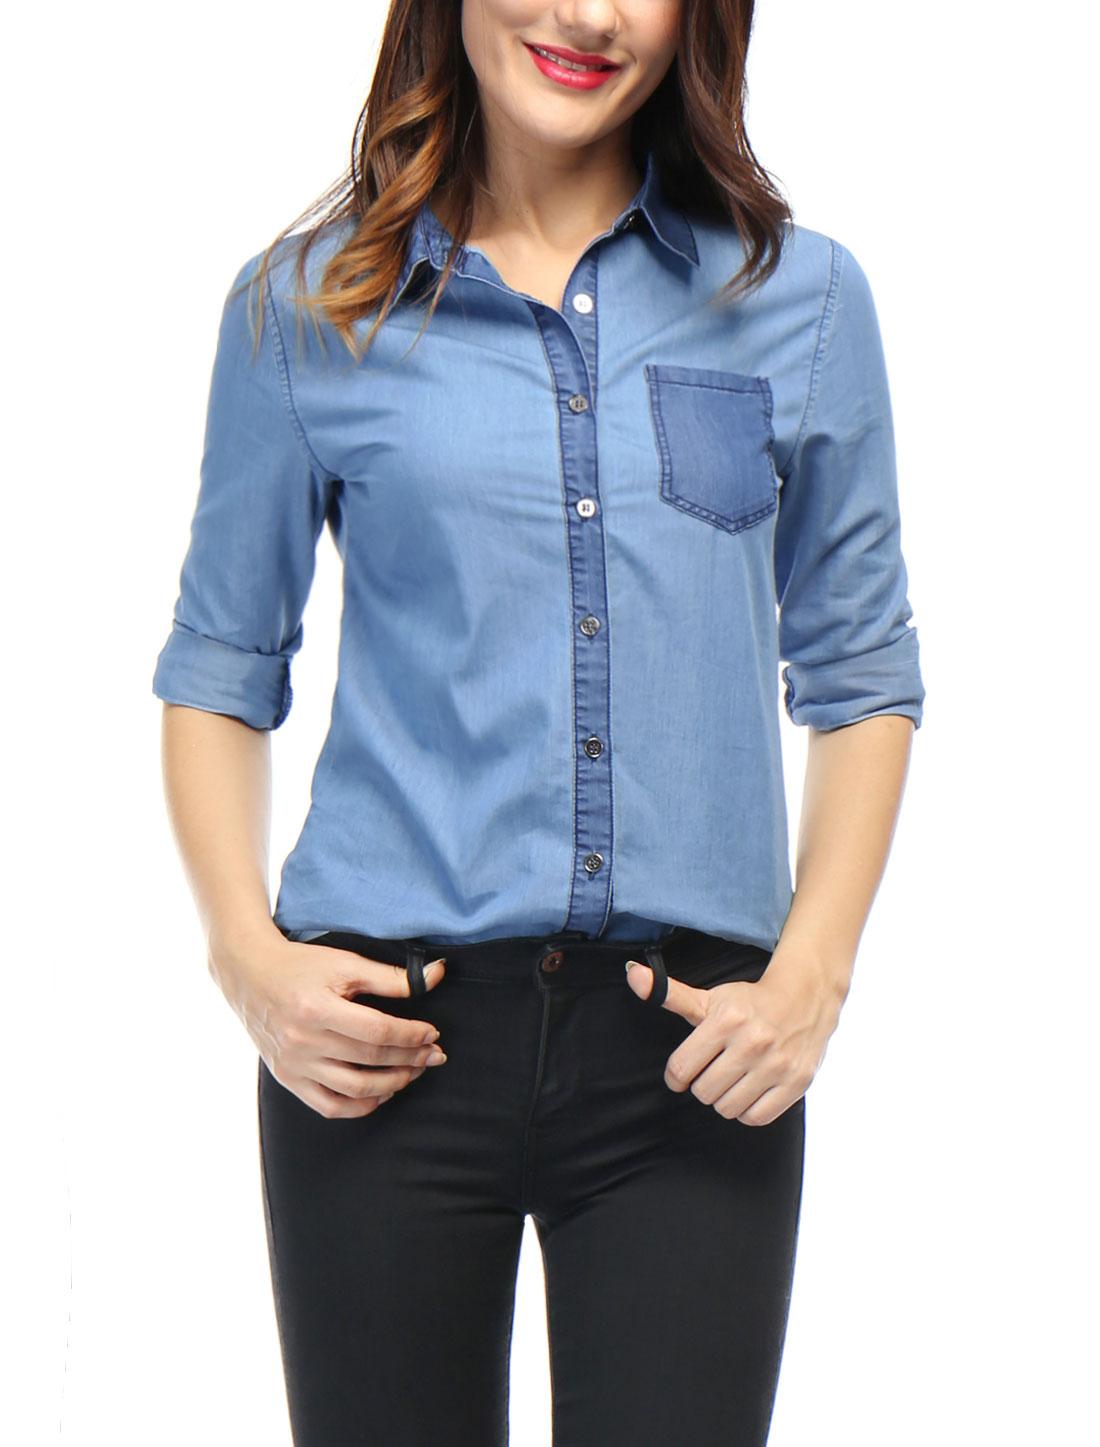 Allegra K Women Color Block Long Sleeves Button Down Shirt Blue S